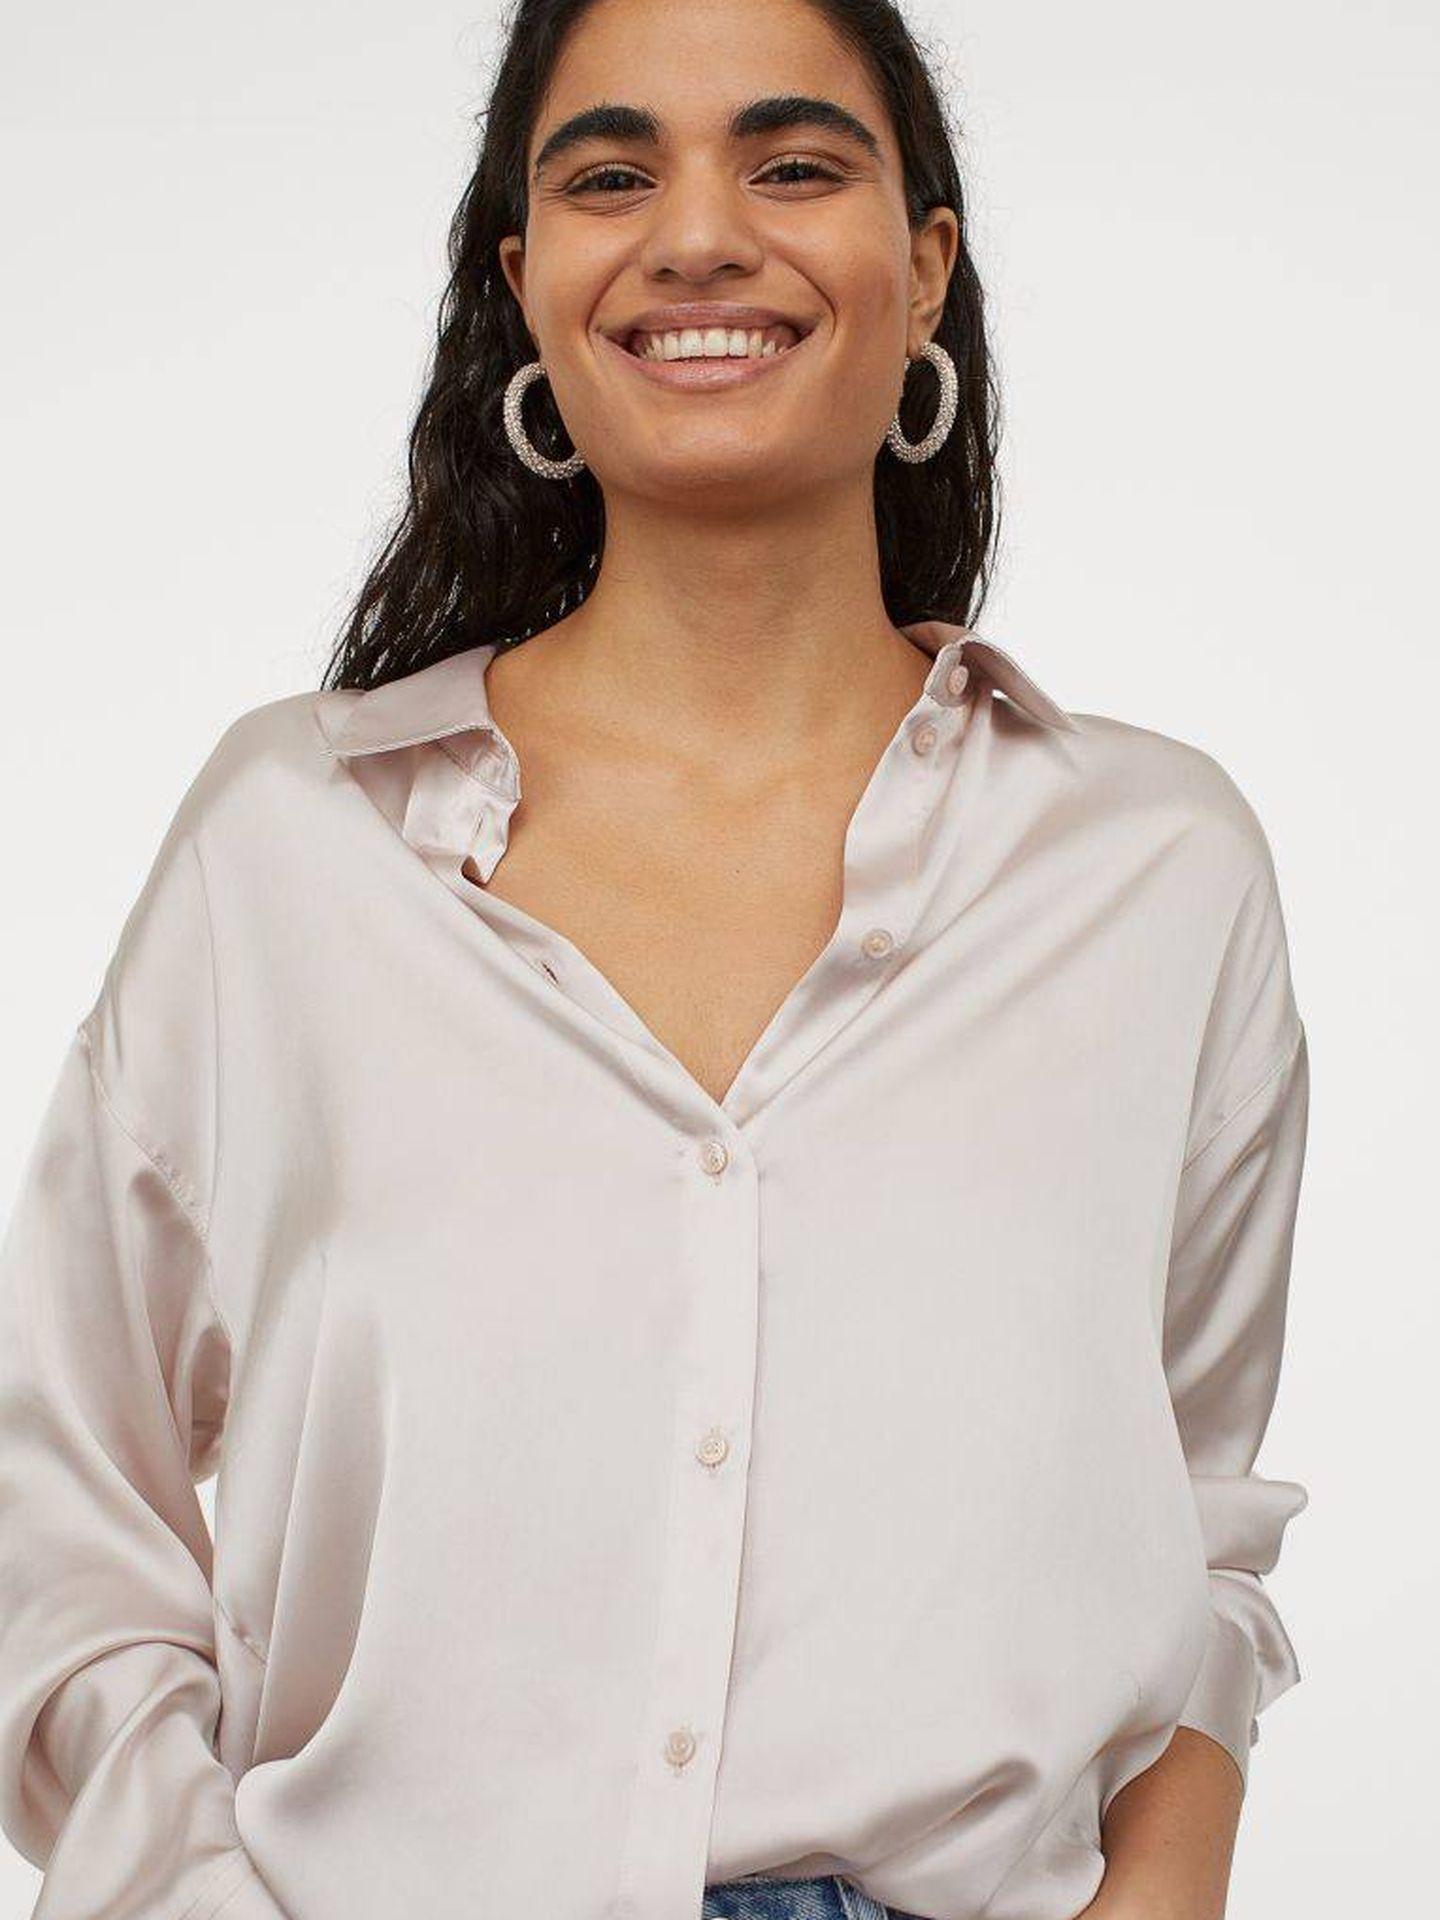 La blusa de HyM. (Cortesía)